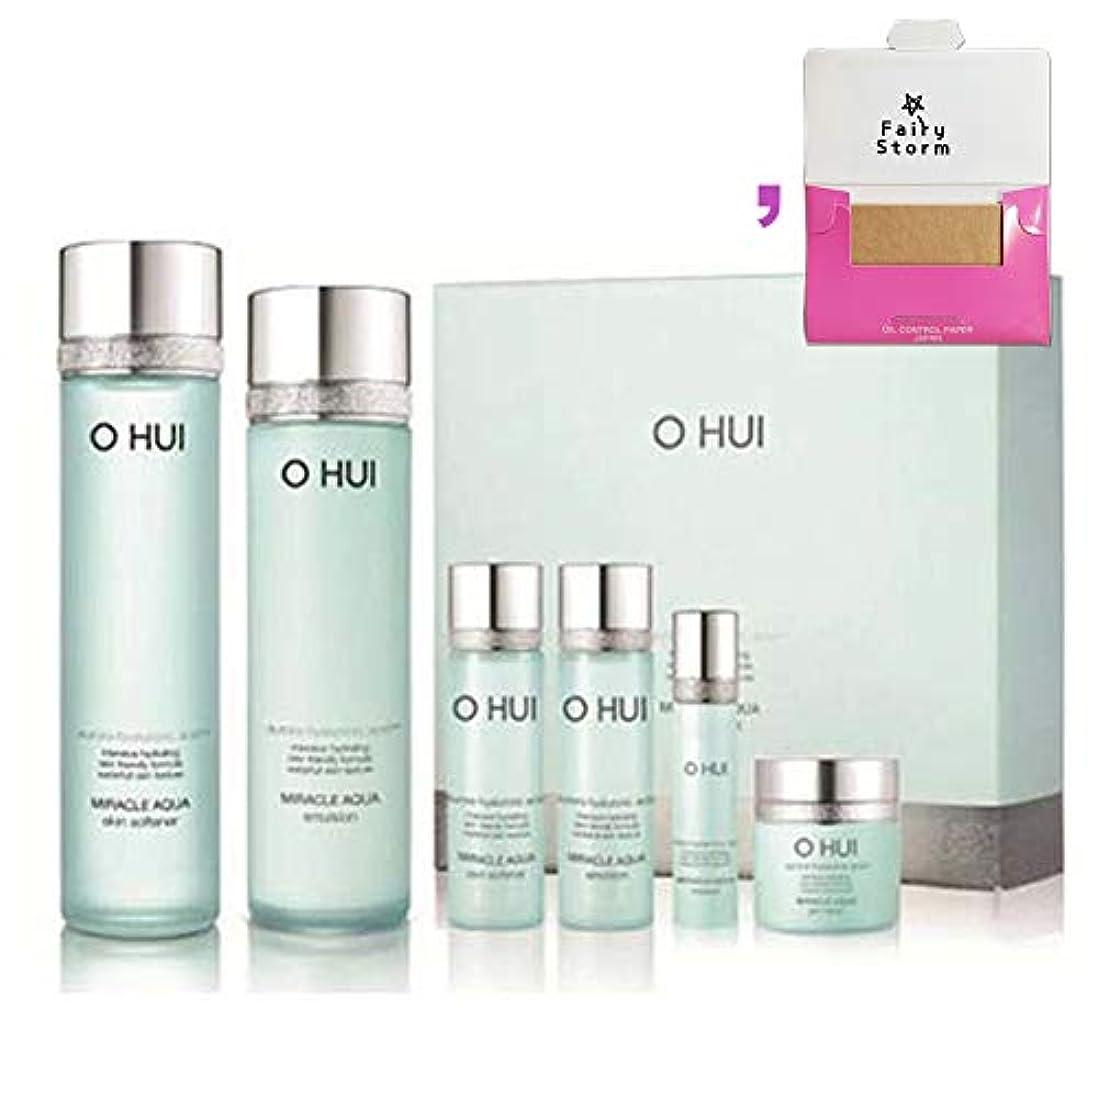 テニスだらしない驚くばかり[オフィ/O HUI]韓国化粧品LG生活健康/O HUI MIRACLE AQUA SPECIAL 2EA SET/ミラクルアクア 2種セット+[Sample Gift](海外直送品)